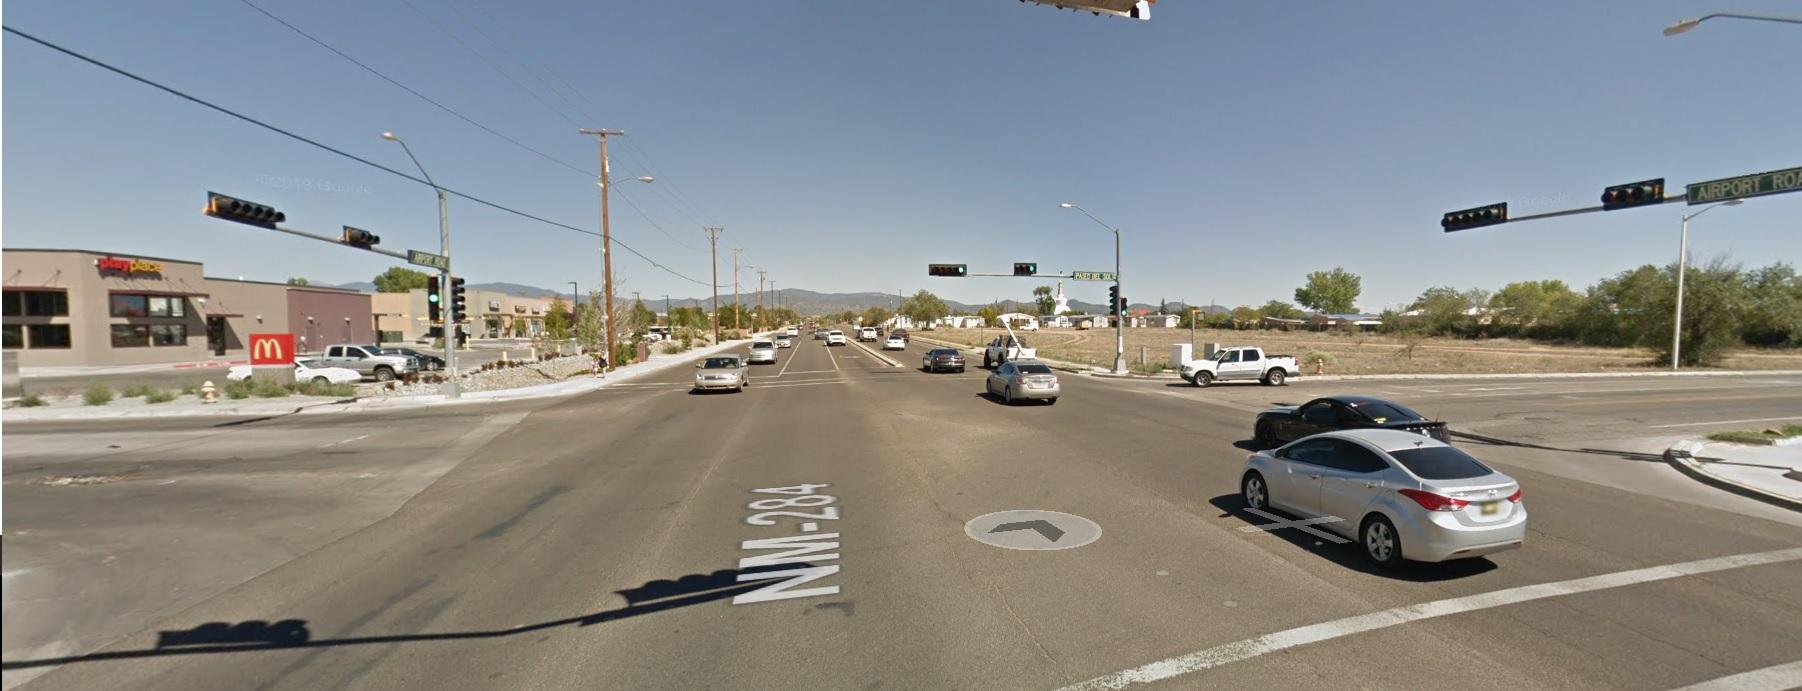 6350 Airport Road Santa Fe NM